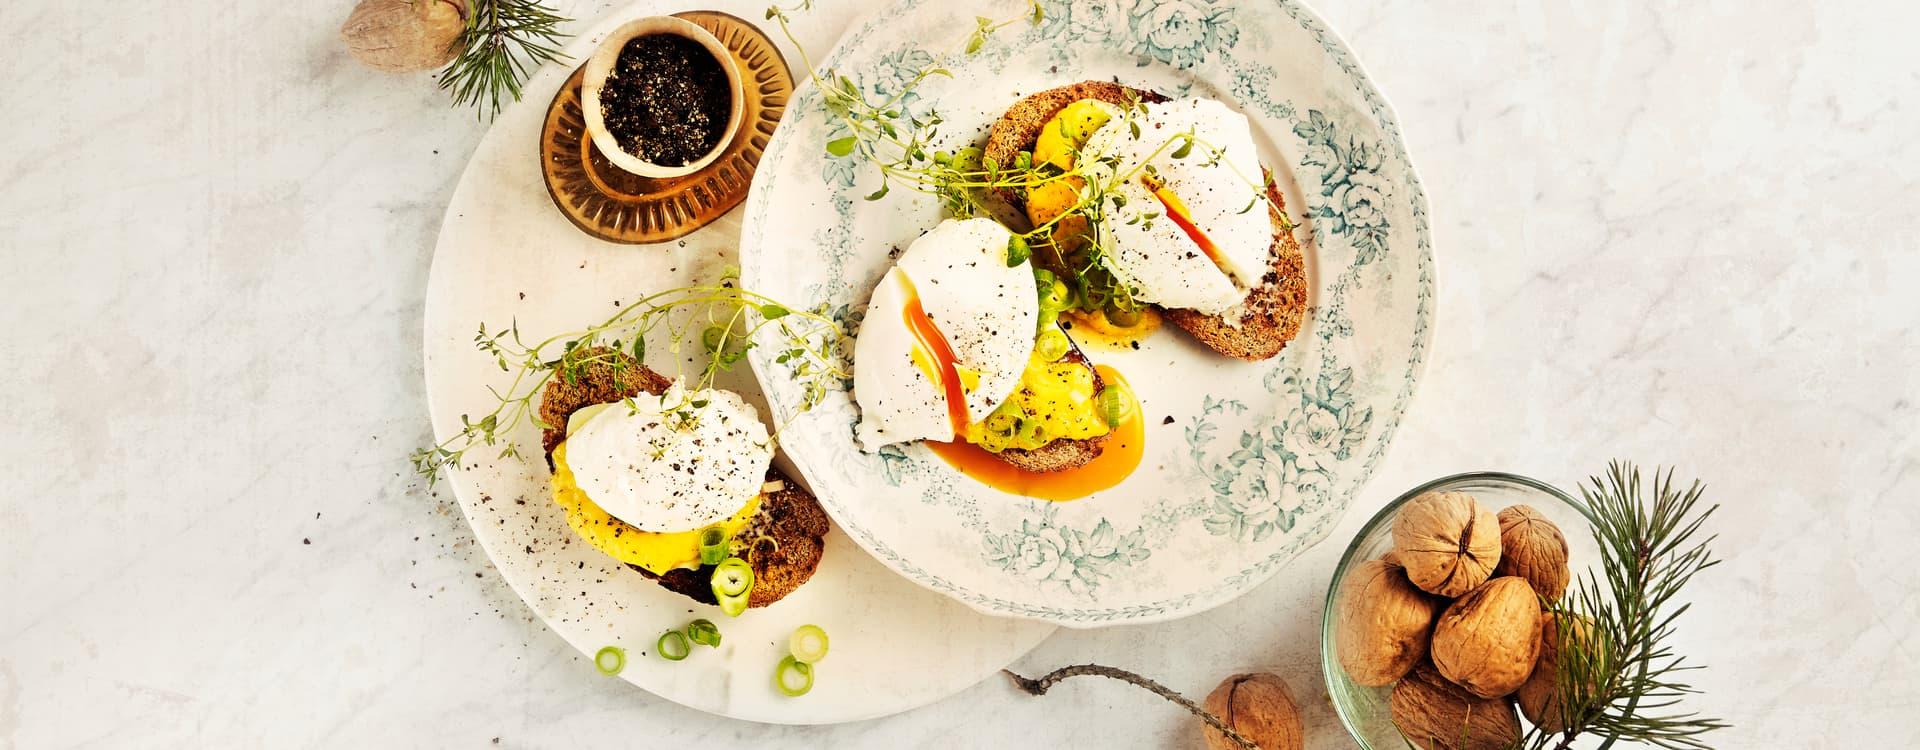 Posjerte egg med Hollandaise